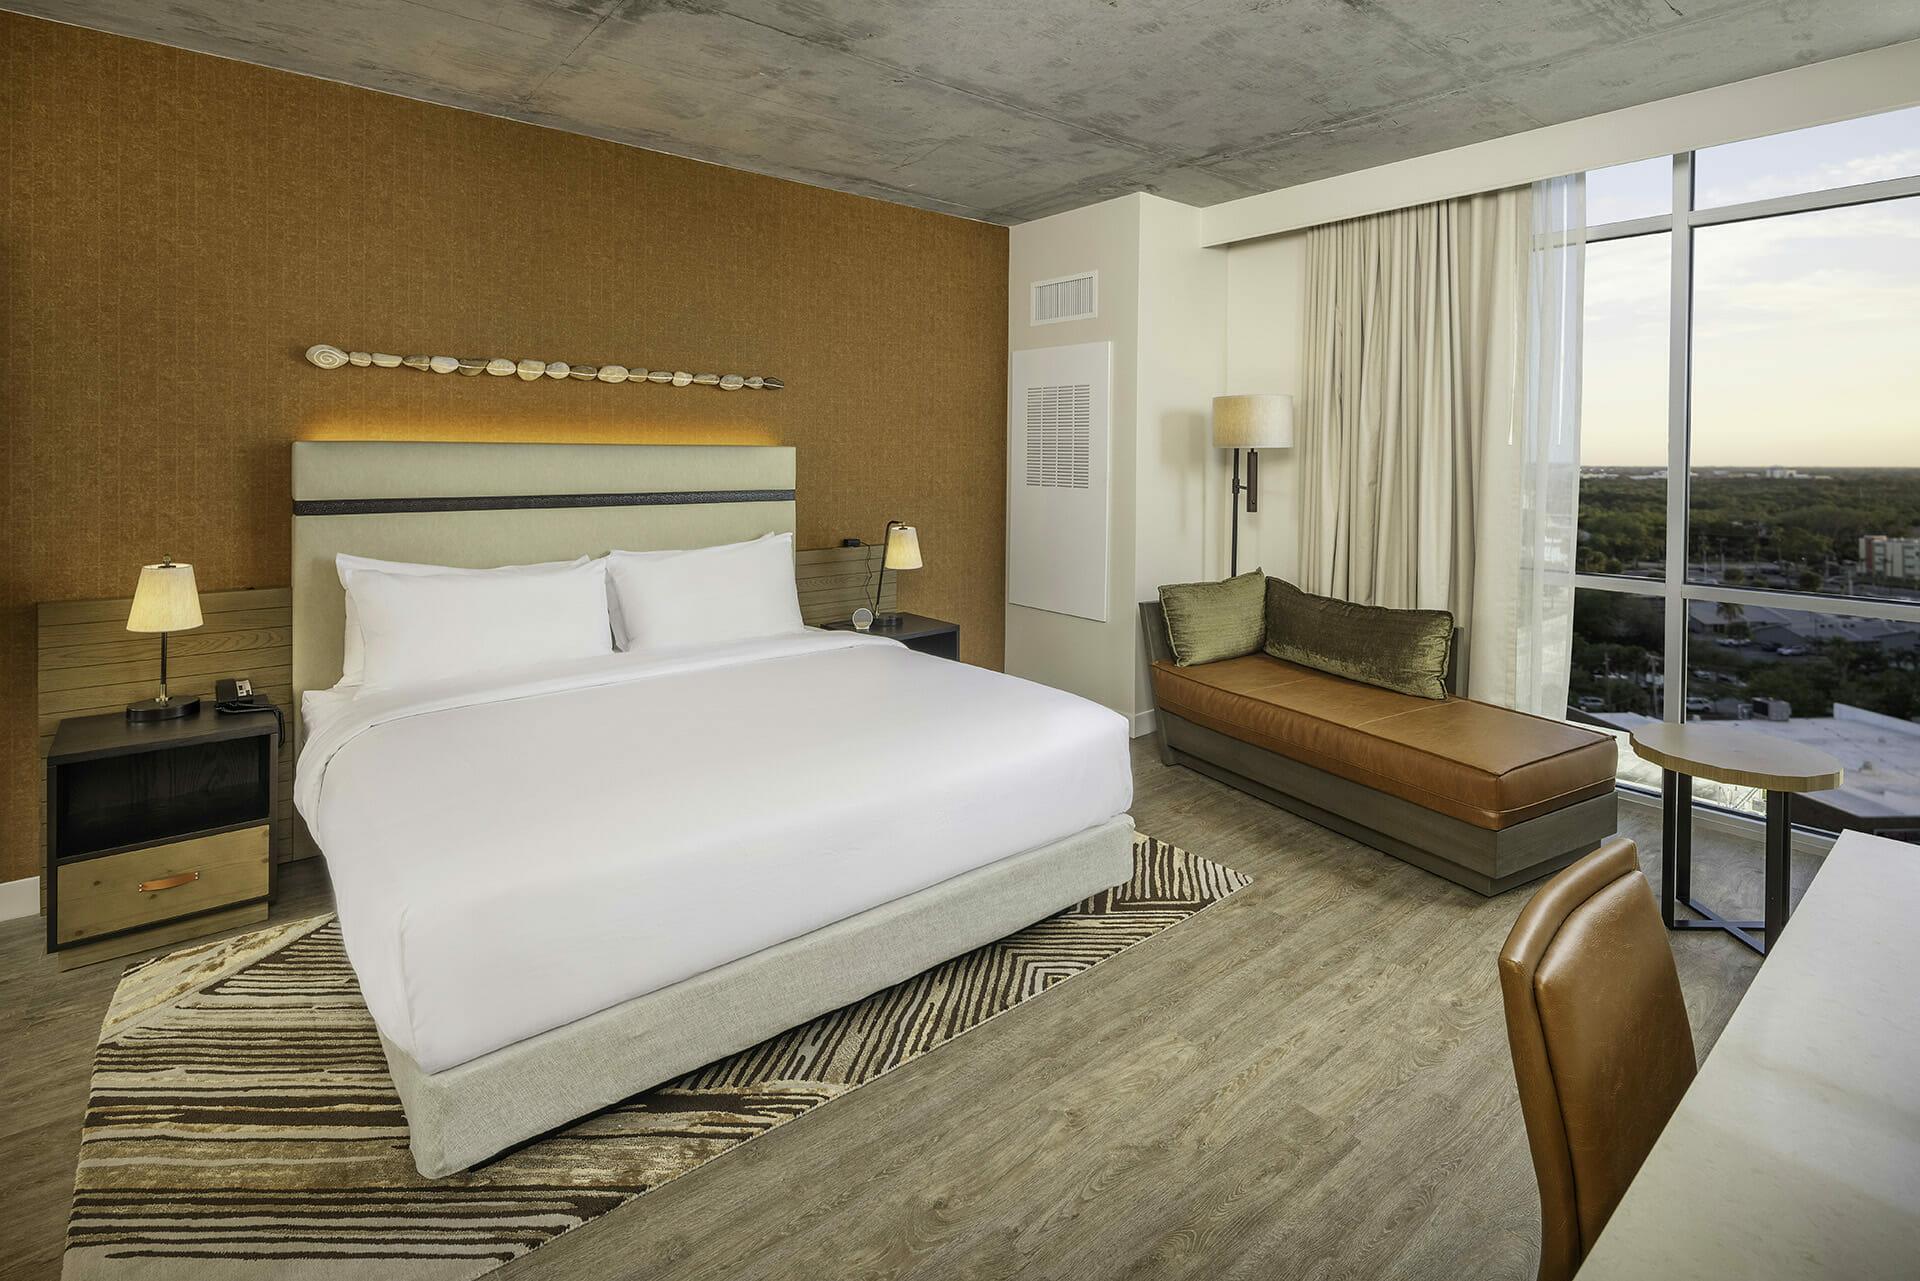 HotelMelby_0016_cv